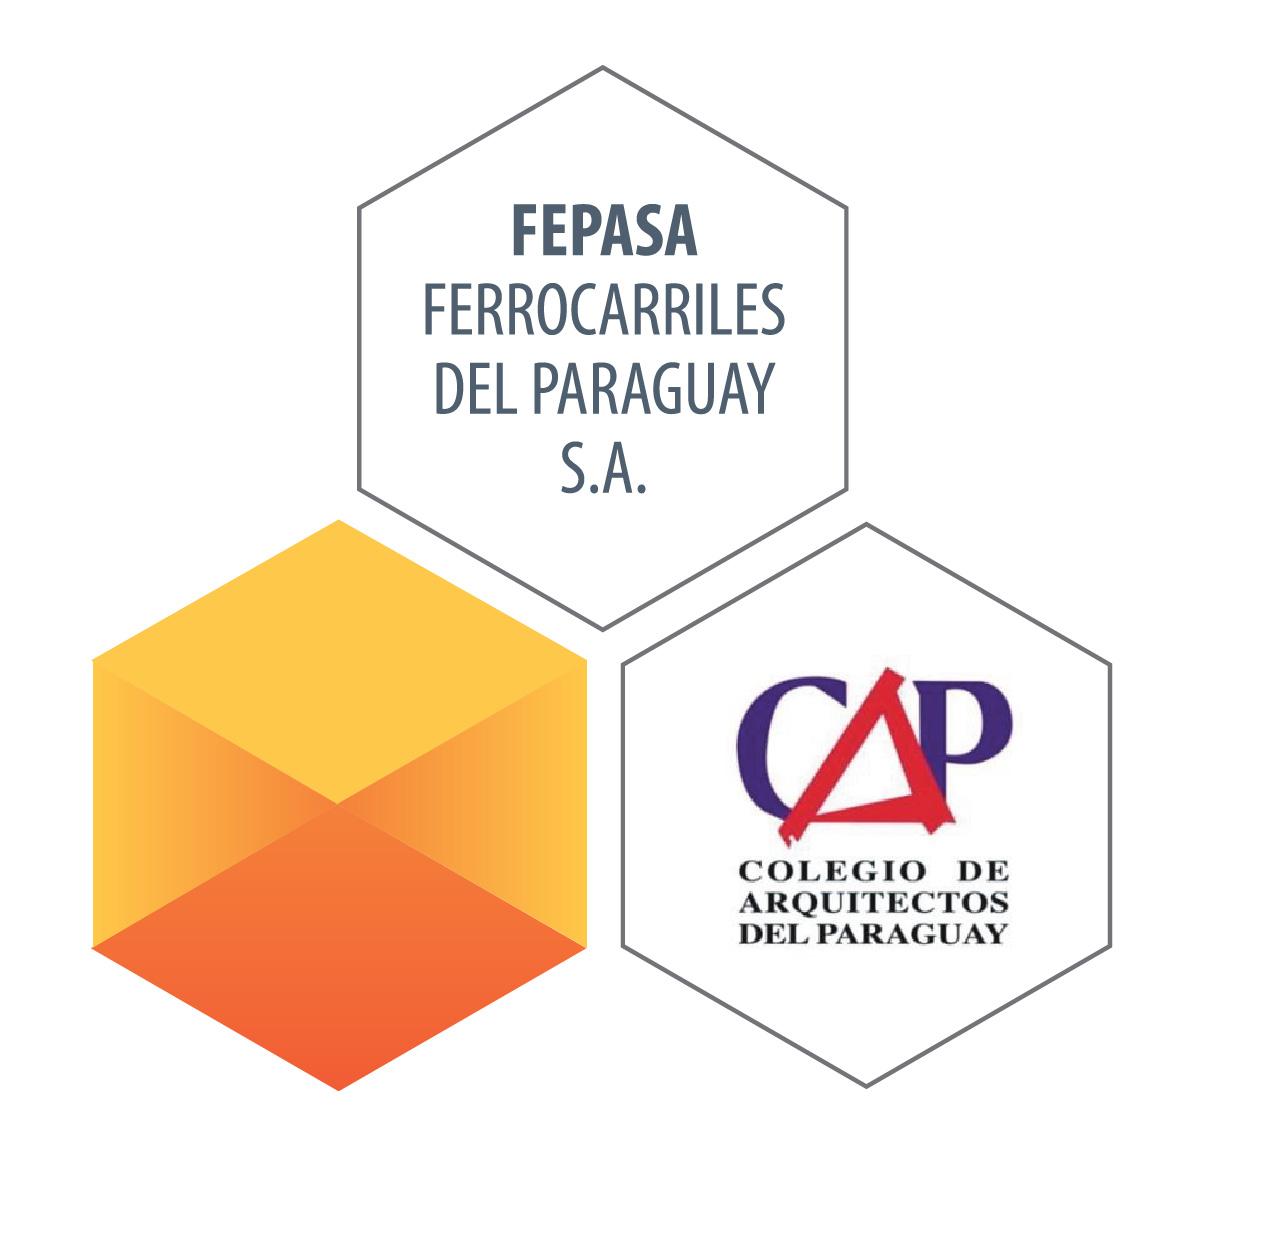 FEPASA, CAP imagen